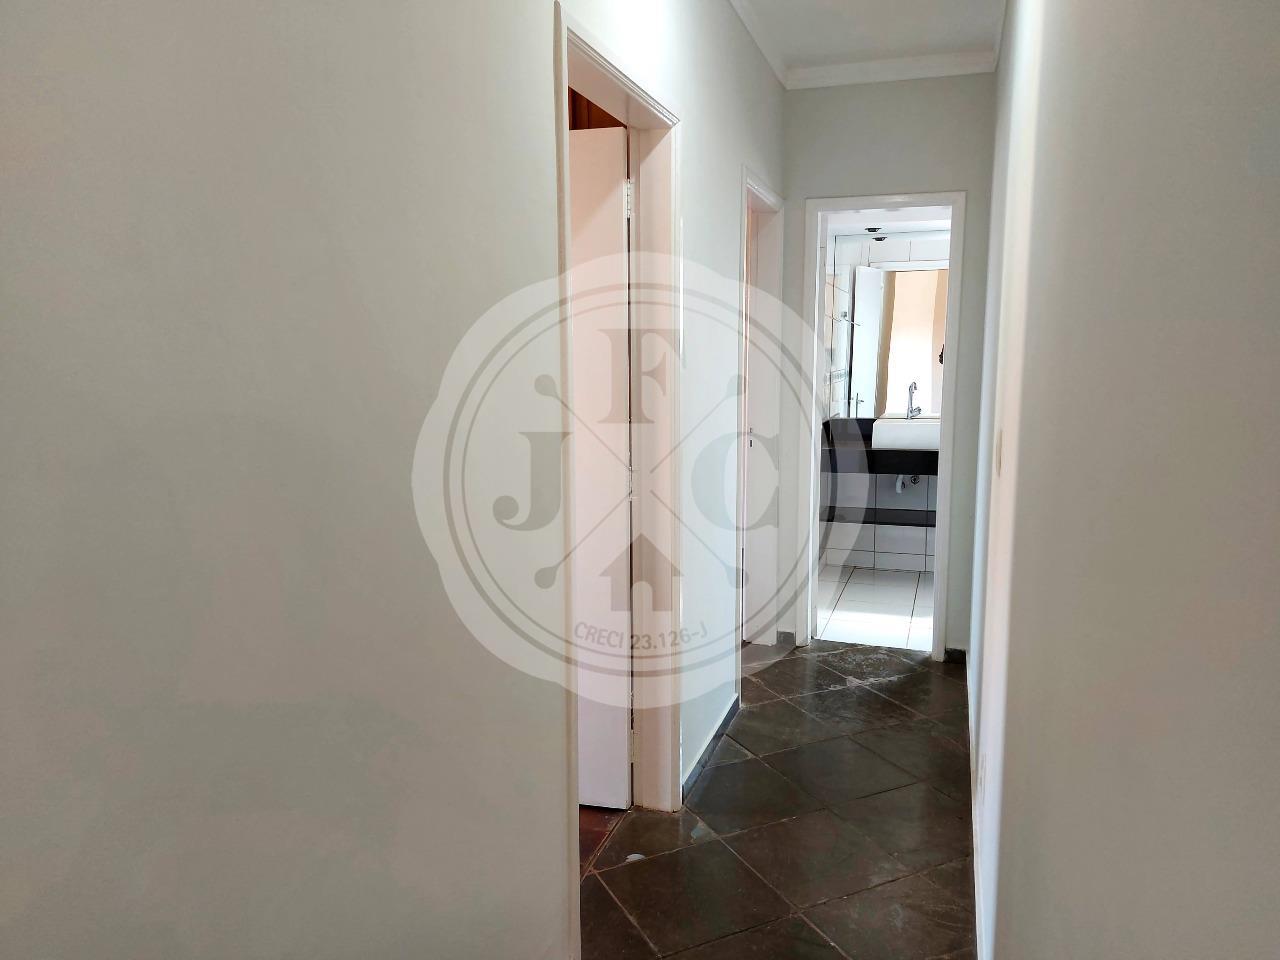 Apartamento para aluguel no Vila Amélia: Hall Íntimo